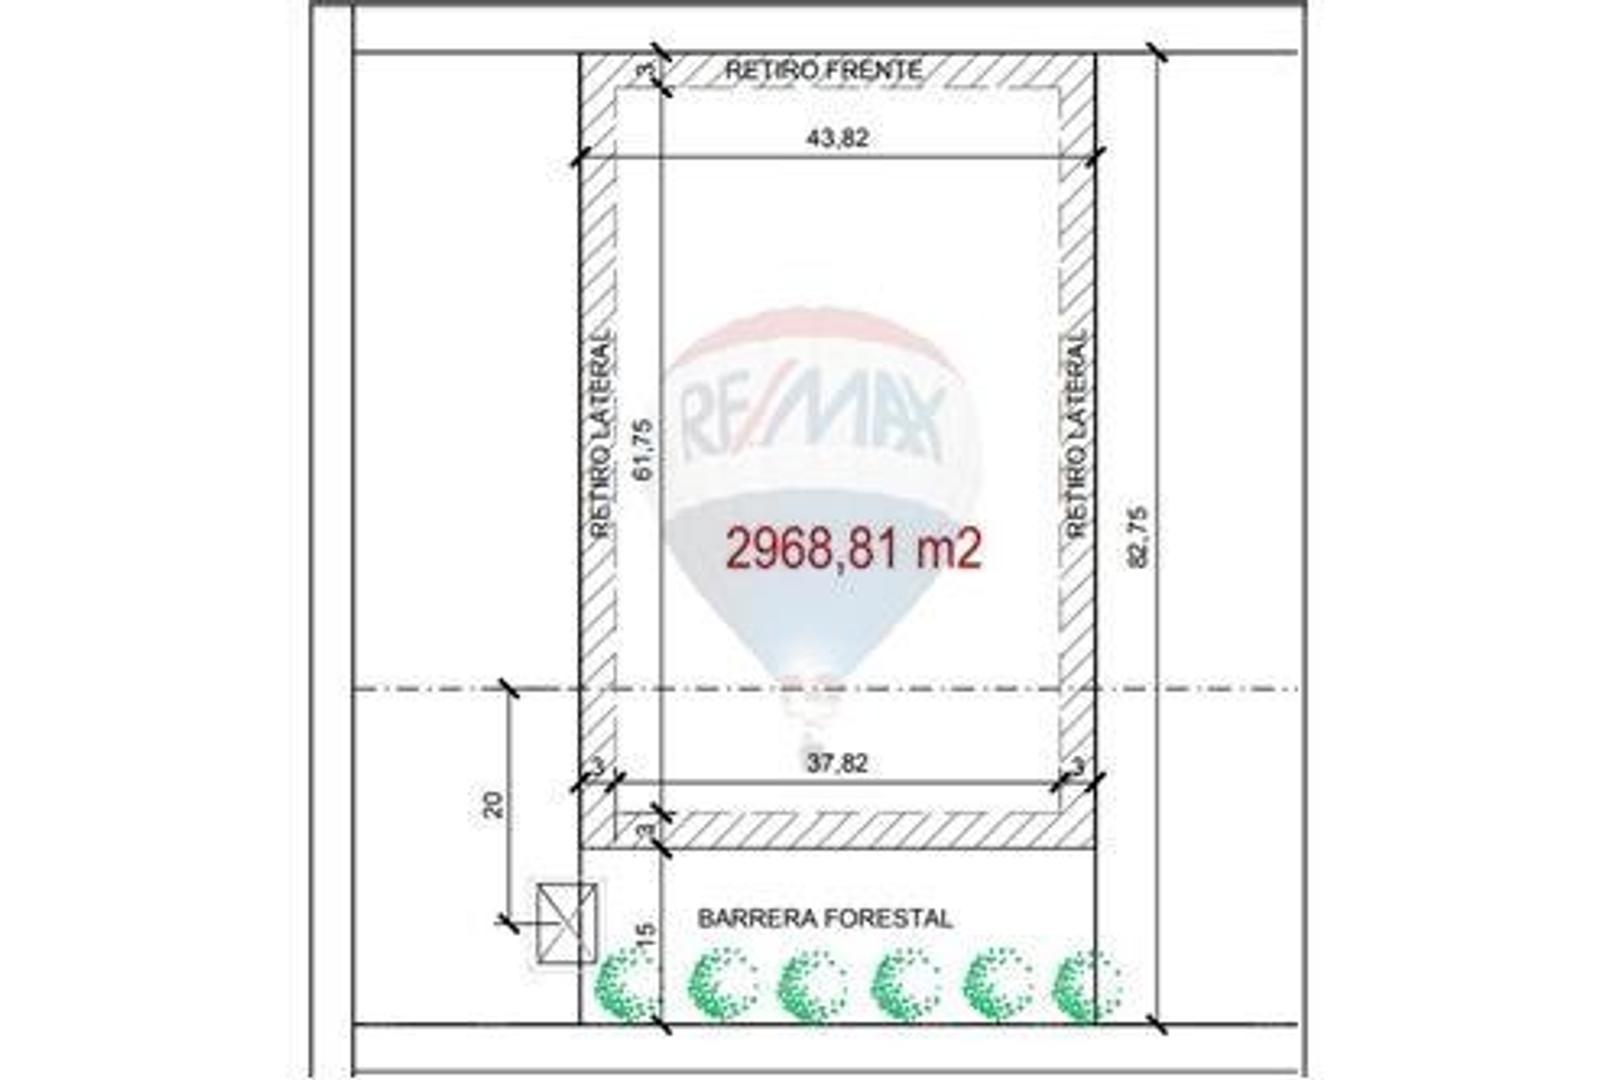 Venta 1 Lote 2968 m2 en Polo Industrial 24 Moreno